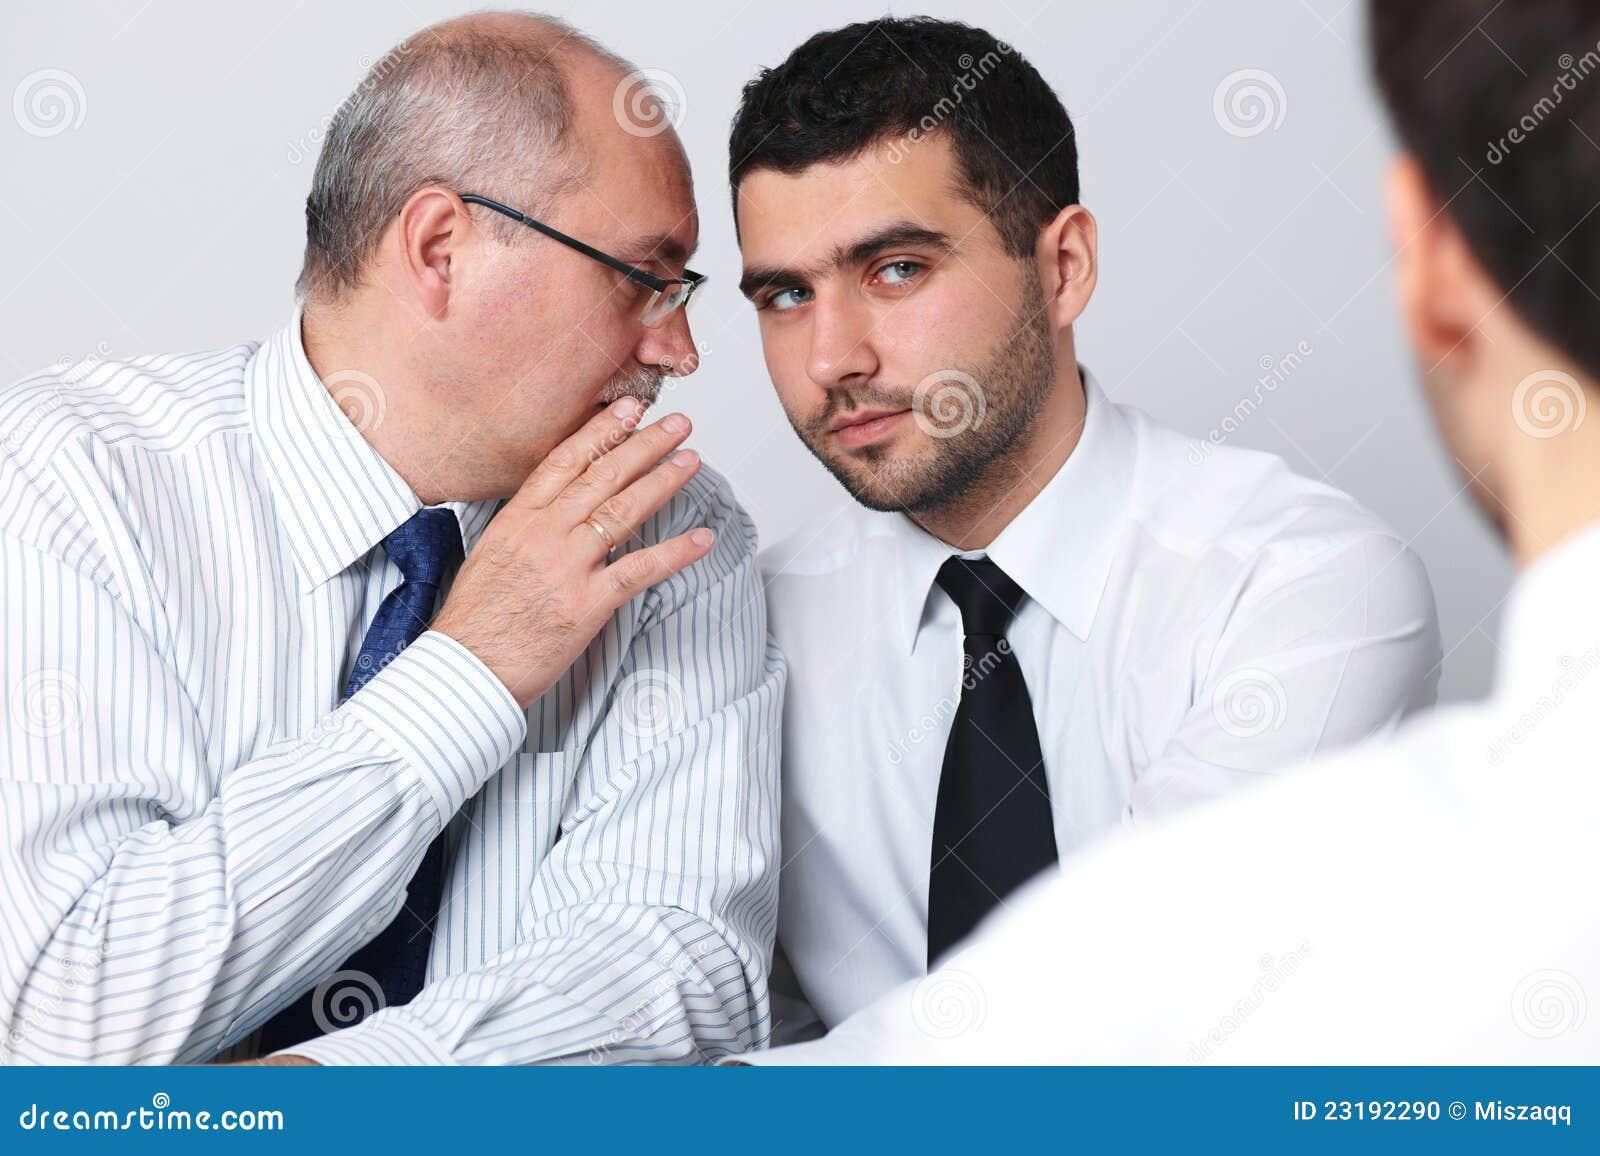 συνάδελφος επιχειρηματιών ώριμος κάτι για να ψιθυρίσει